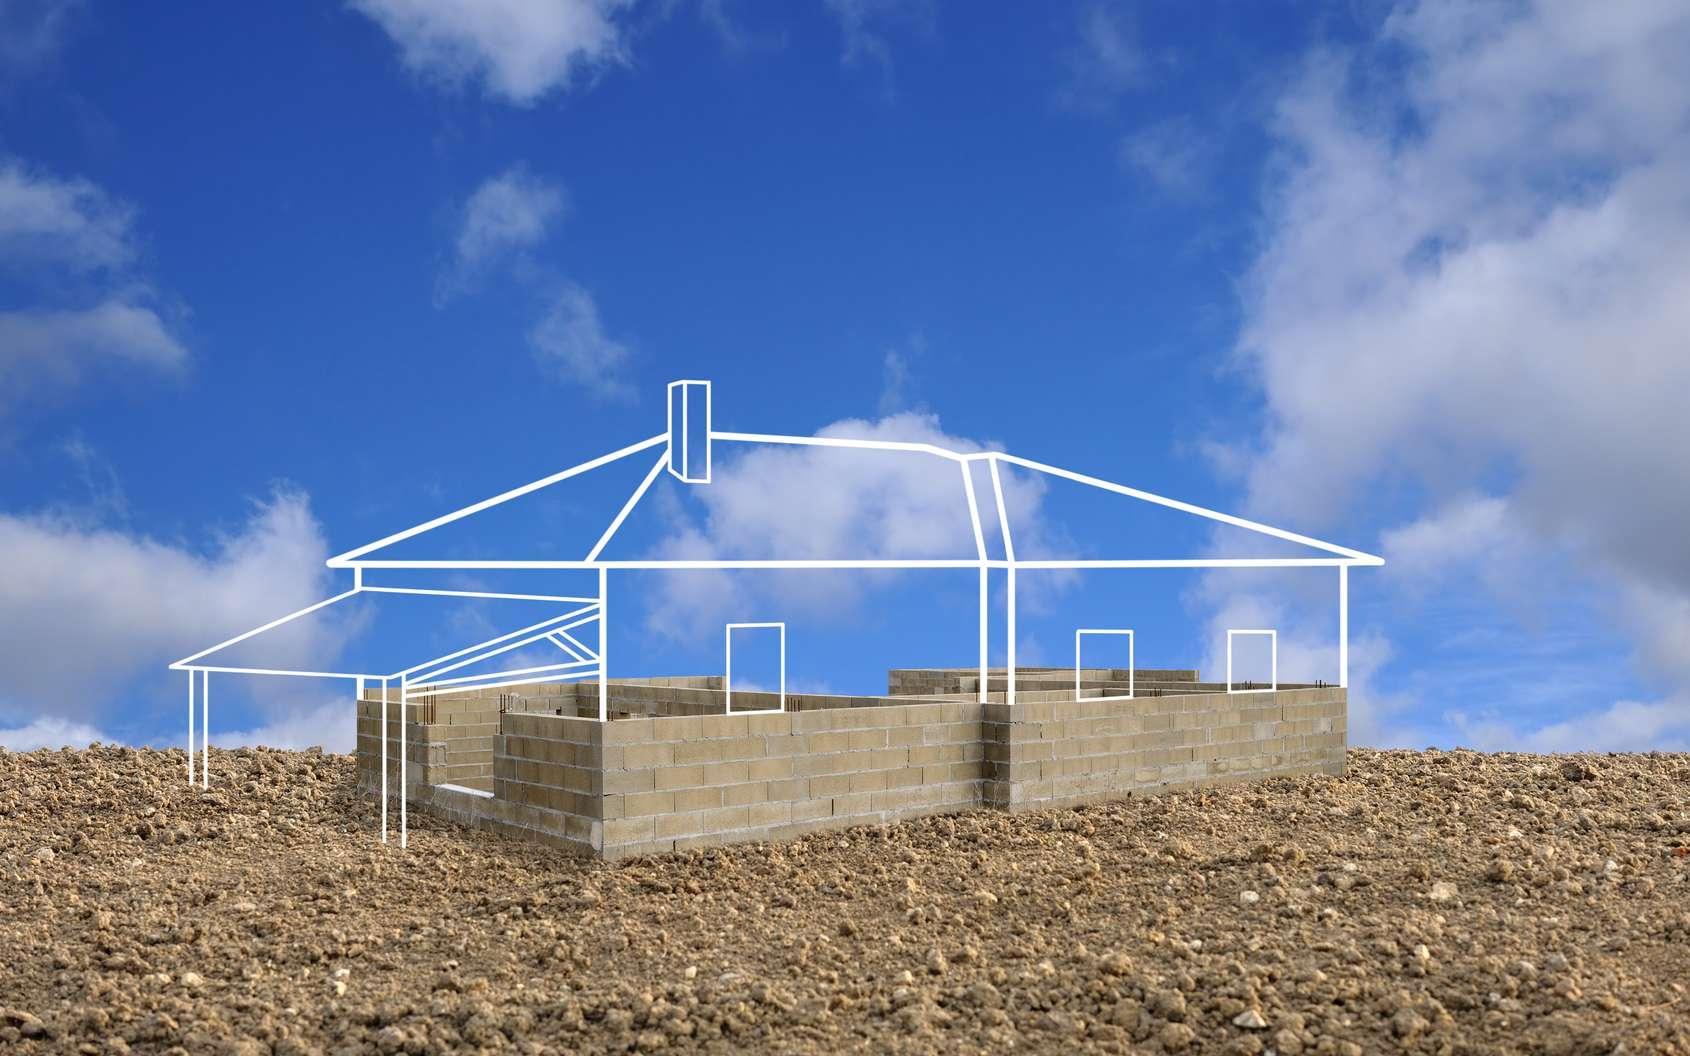 La préparation du terrain de construction doit se faire en pensant aux futurs aménagements. © thieury, fotolia